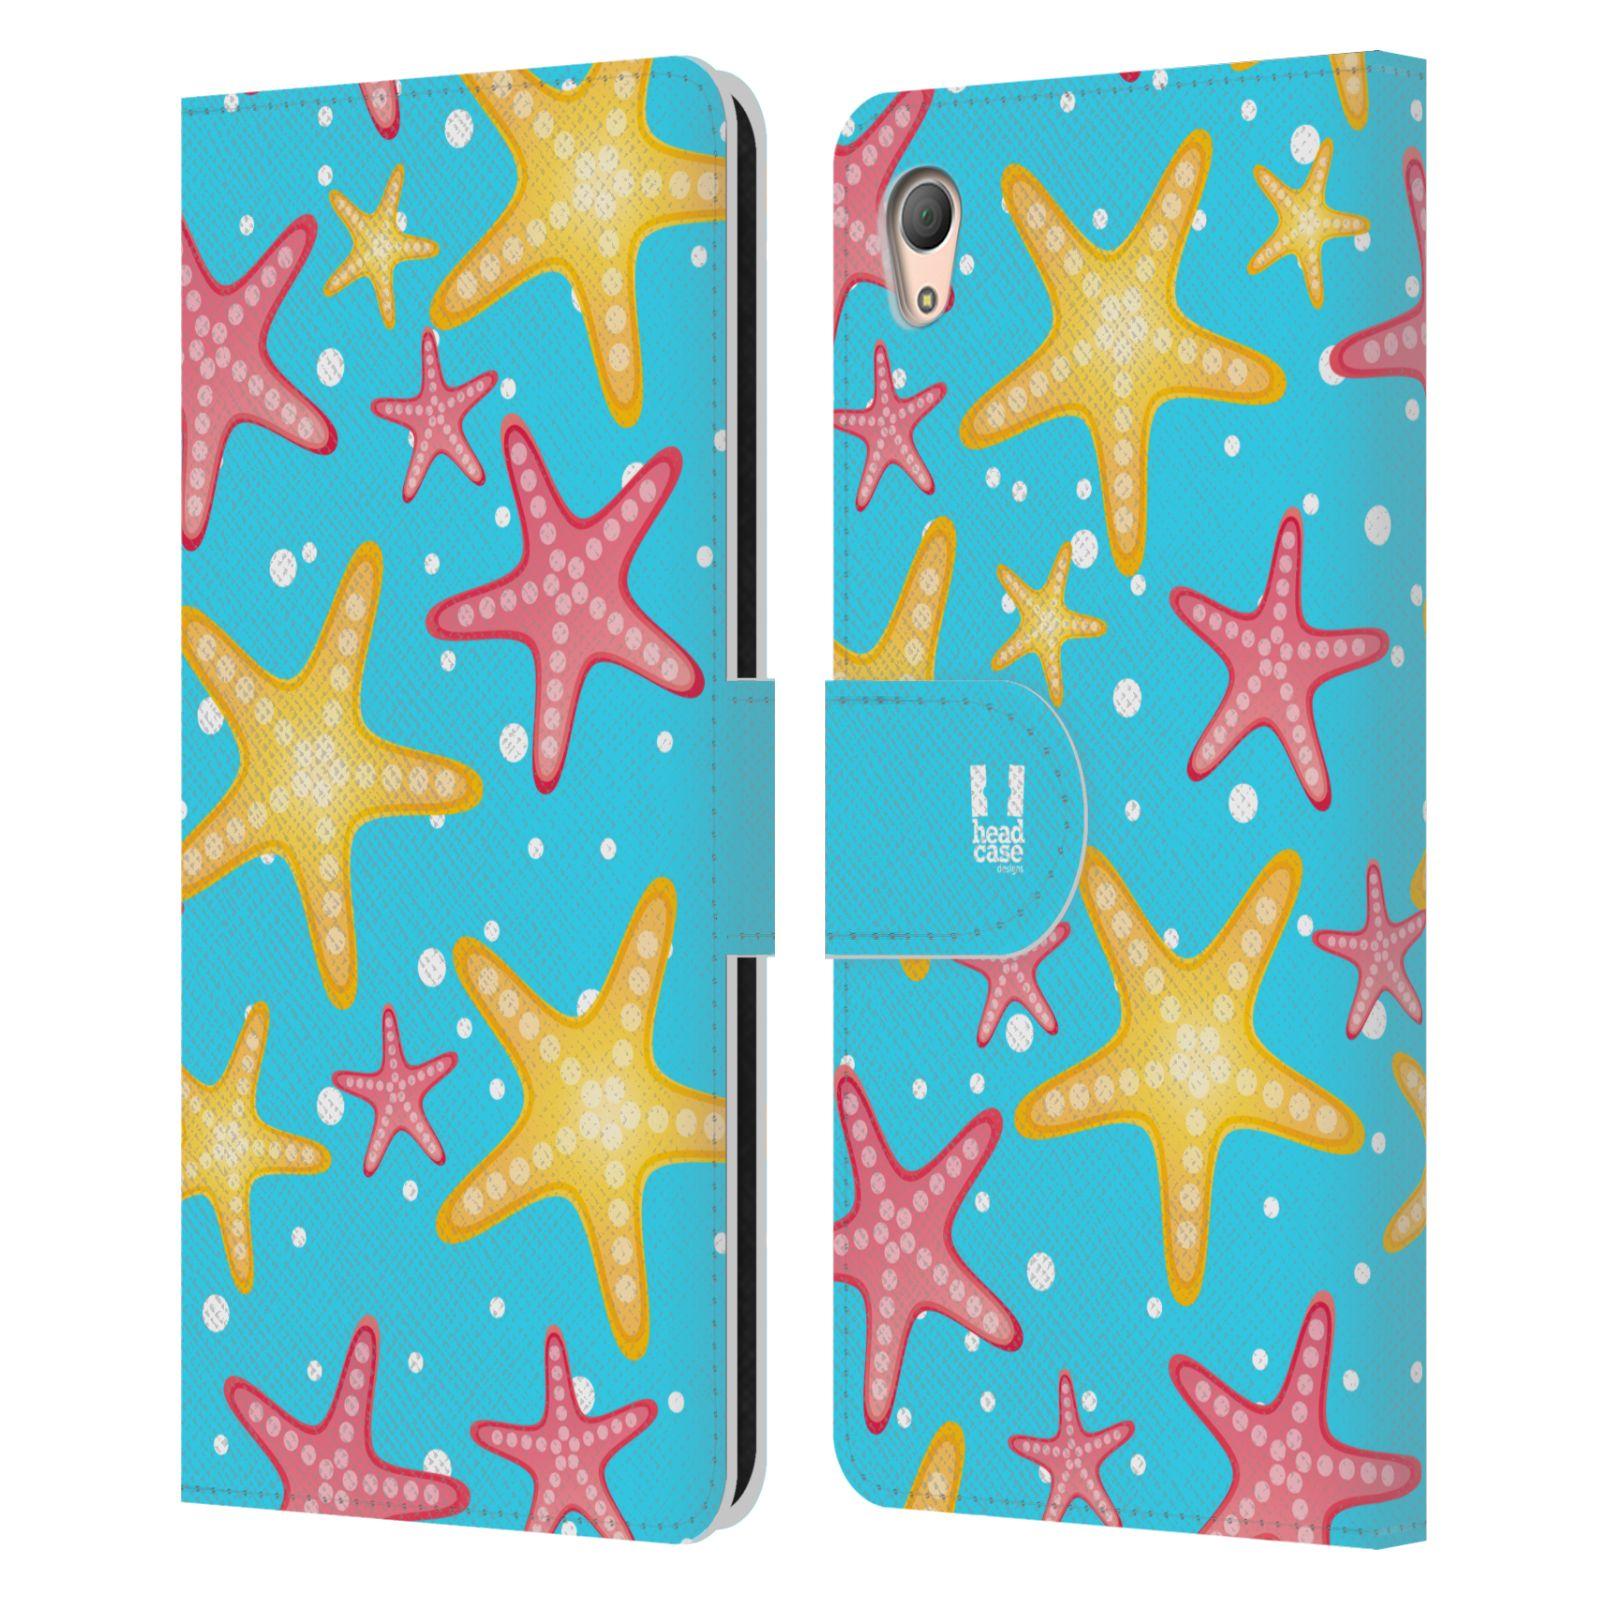 HEAD CASE Flipové pouzdro pro mobil SONY XPERIA Z3+ (PLUS) Mořský živočich hvězdice modrá barva pozadí